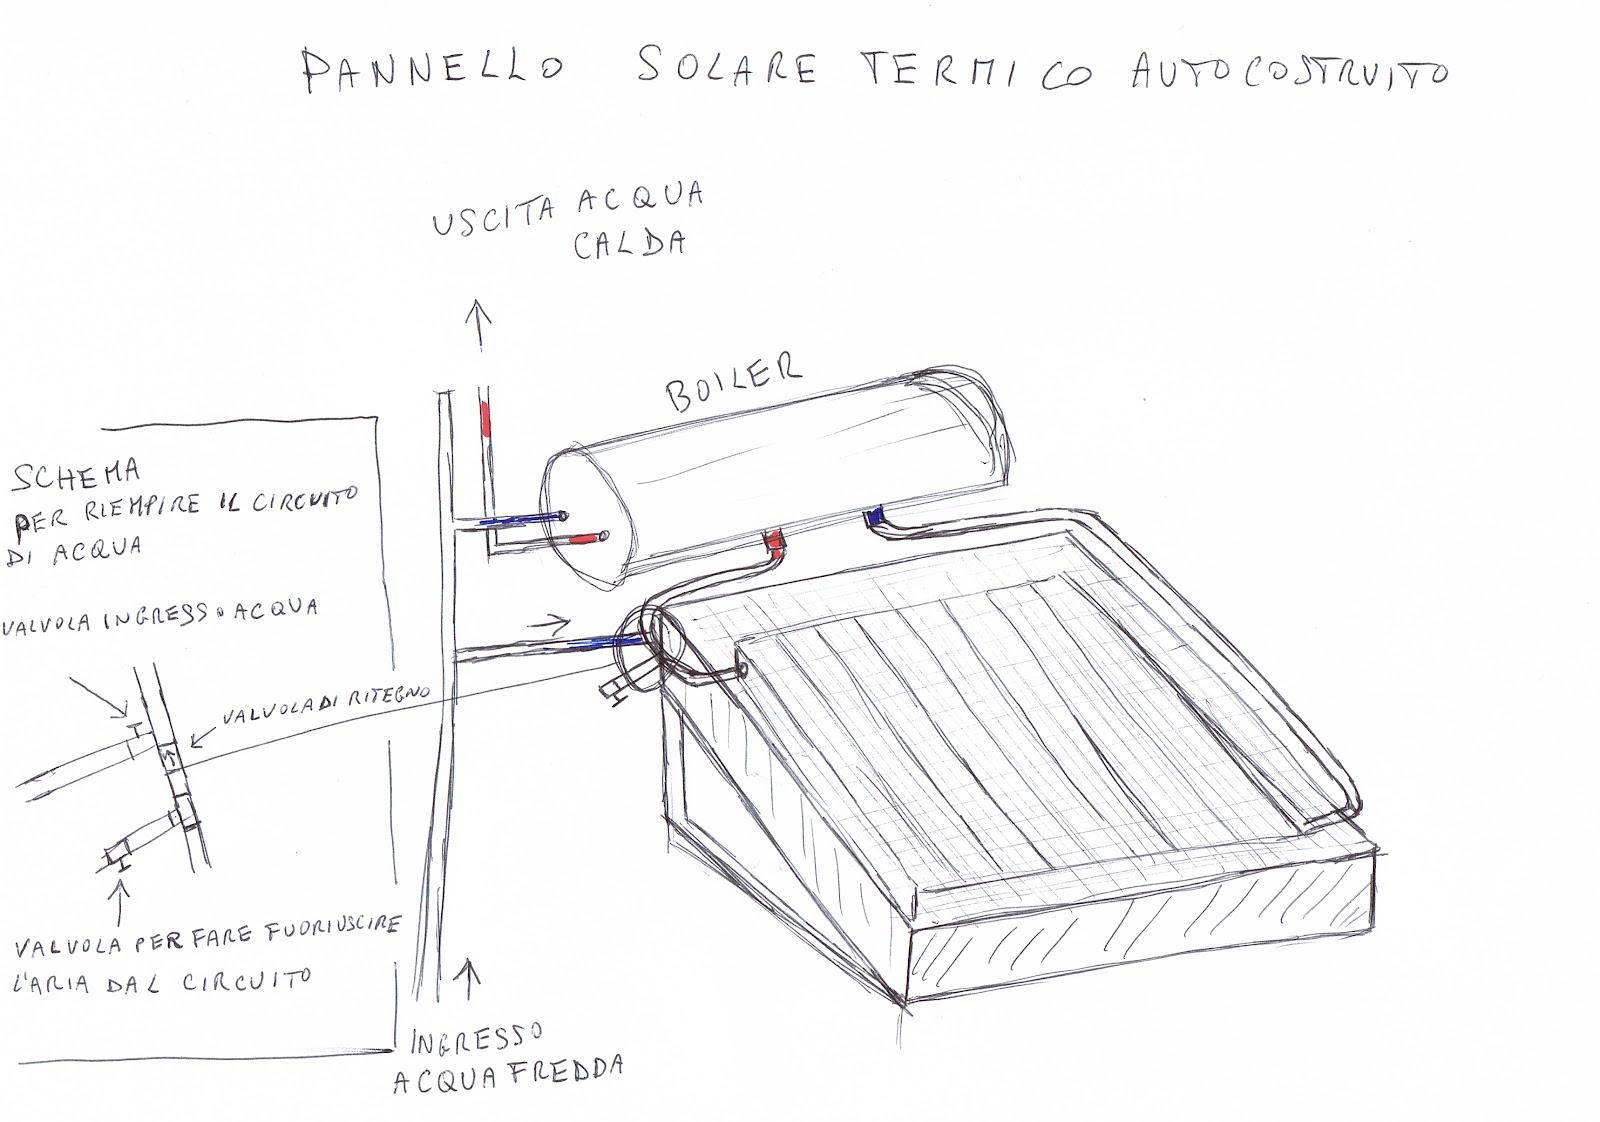 Pannello Solare Termico Vetro Rotto : Elettronicahobbyfaidate pannello solare termico auto